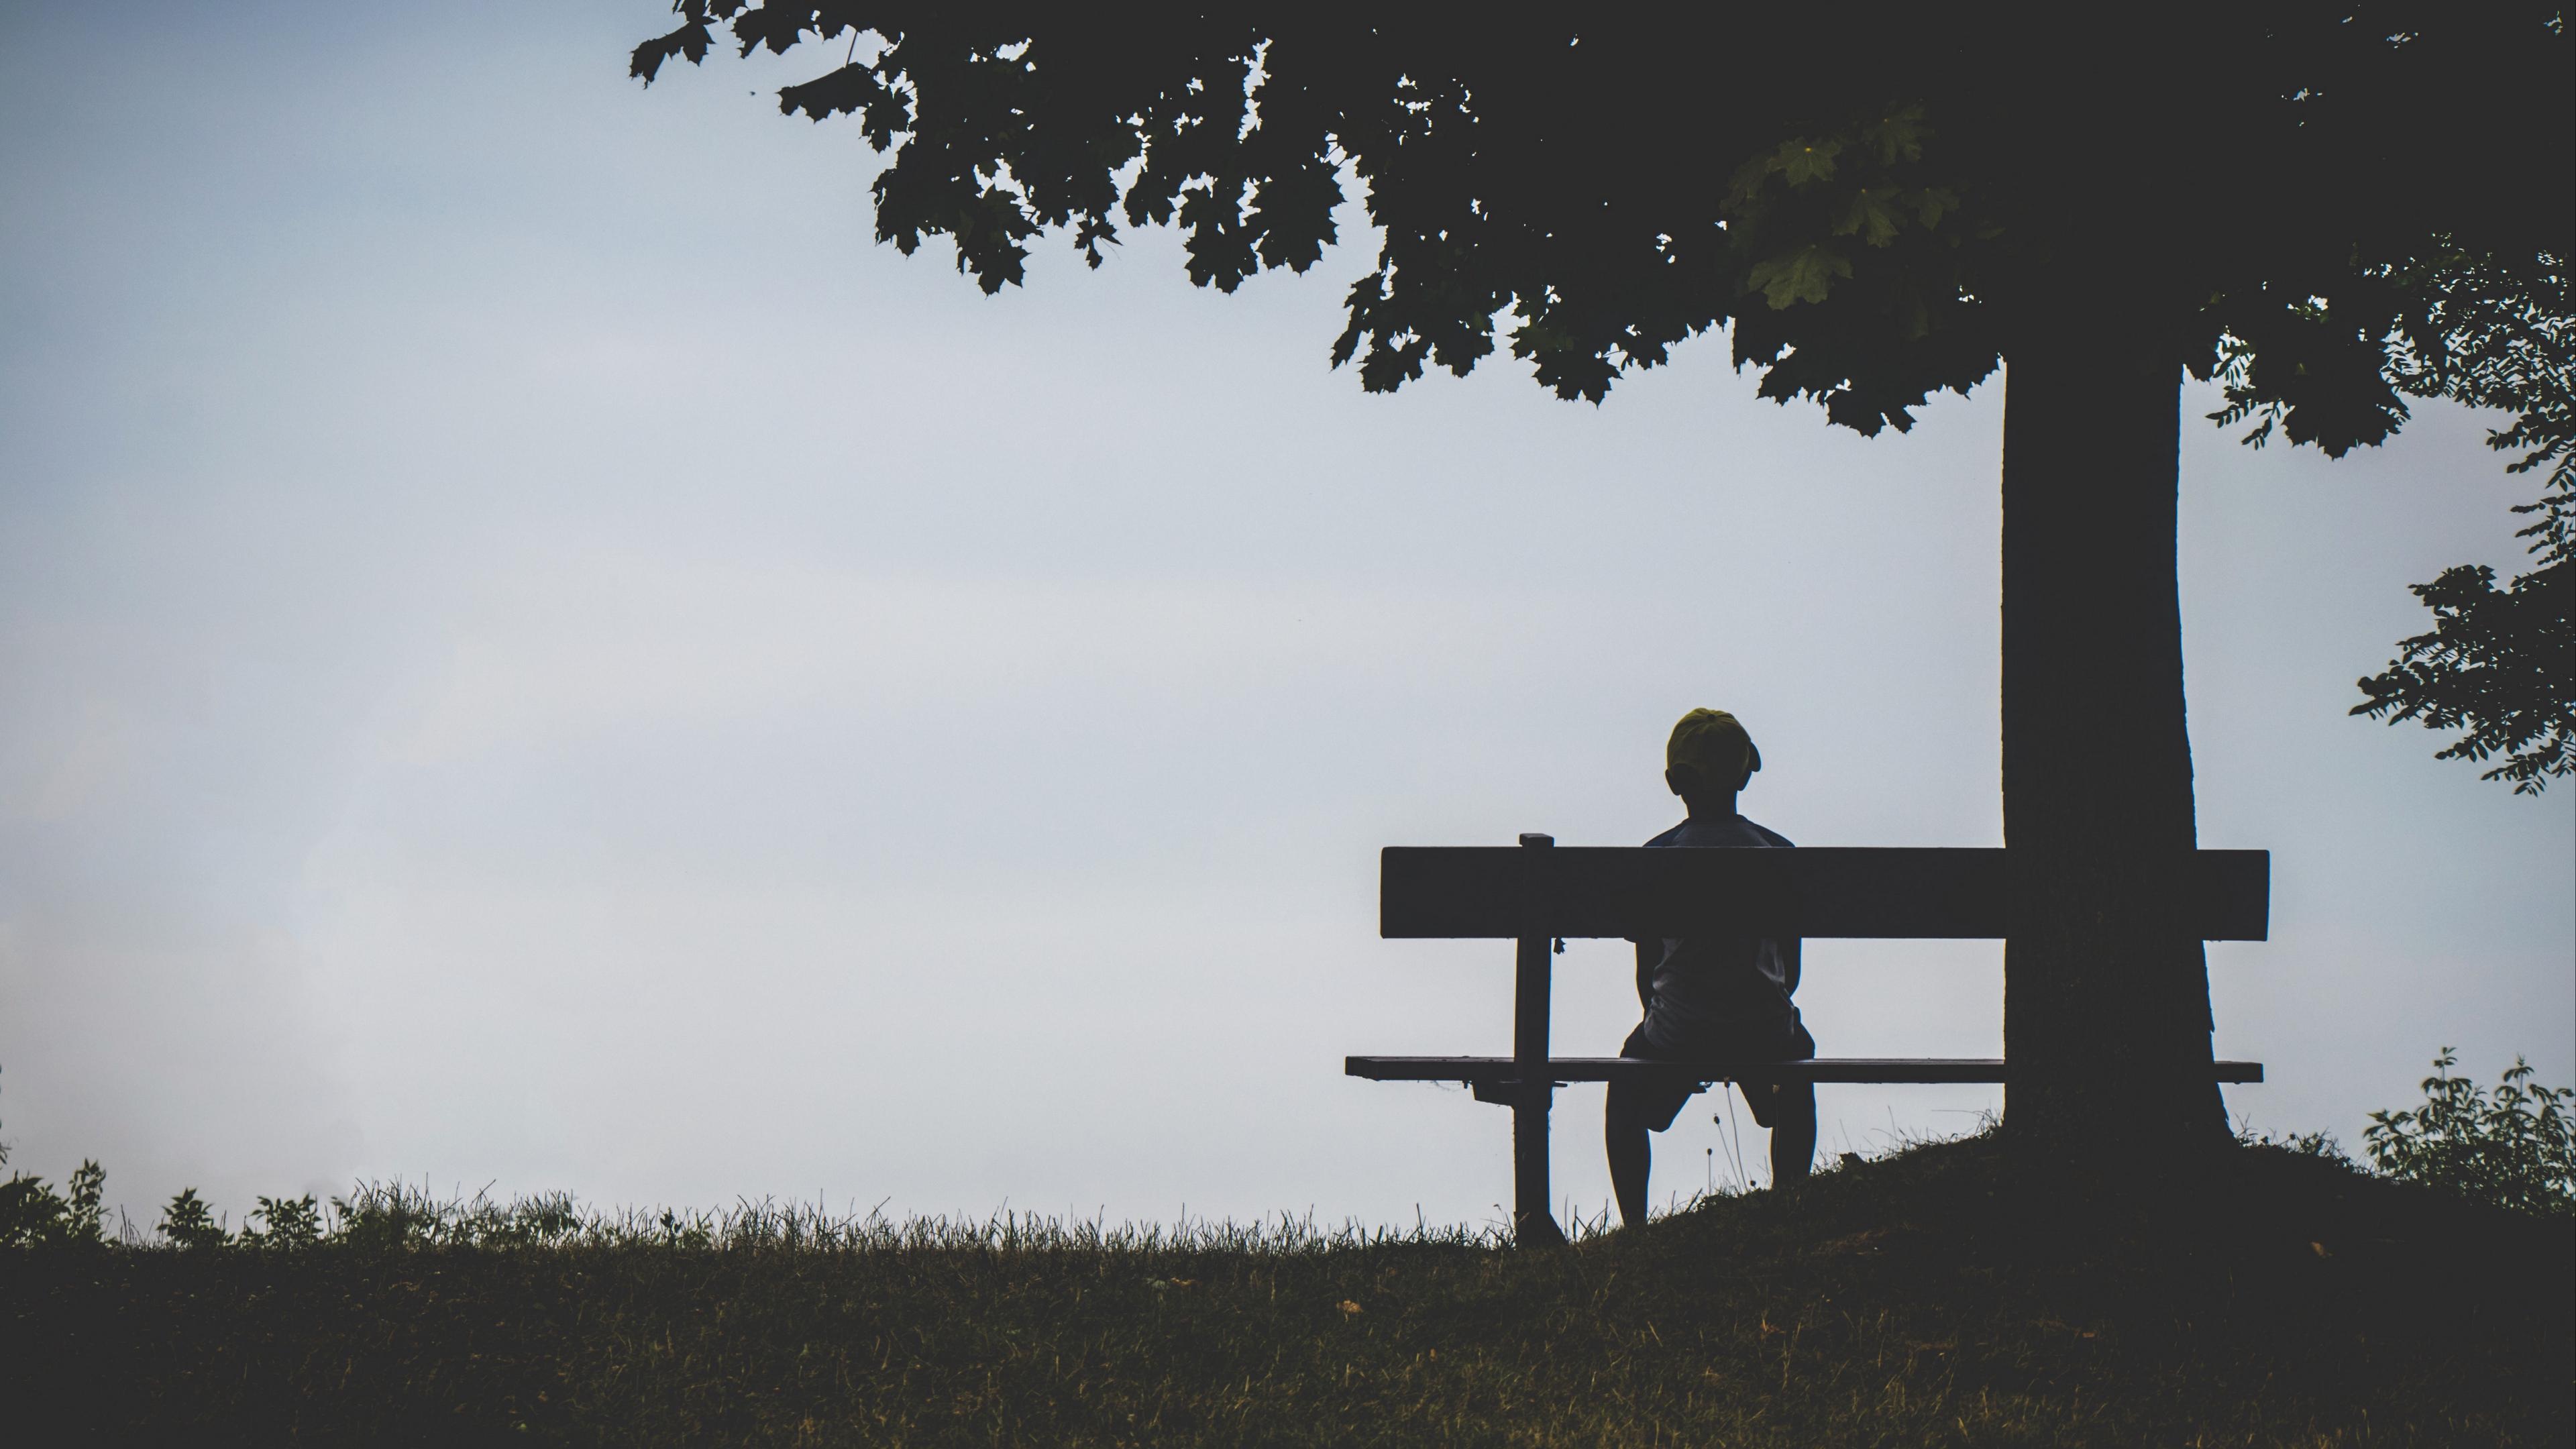 child bench alone solitude silhouette loneliness 4k 1540575921 - child, bench, alone, solitude, silhouette, loneliness 4k - child, Bench, Alone